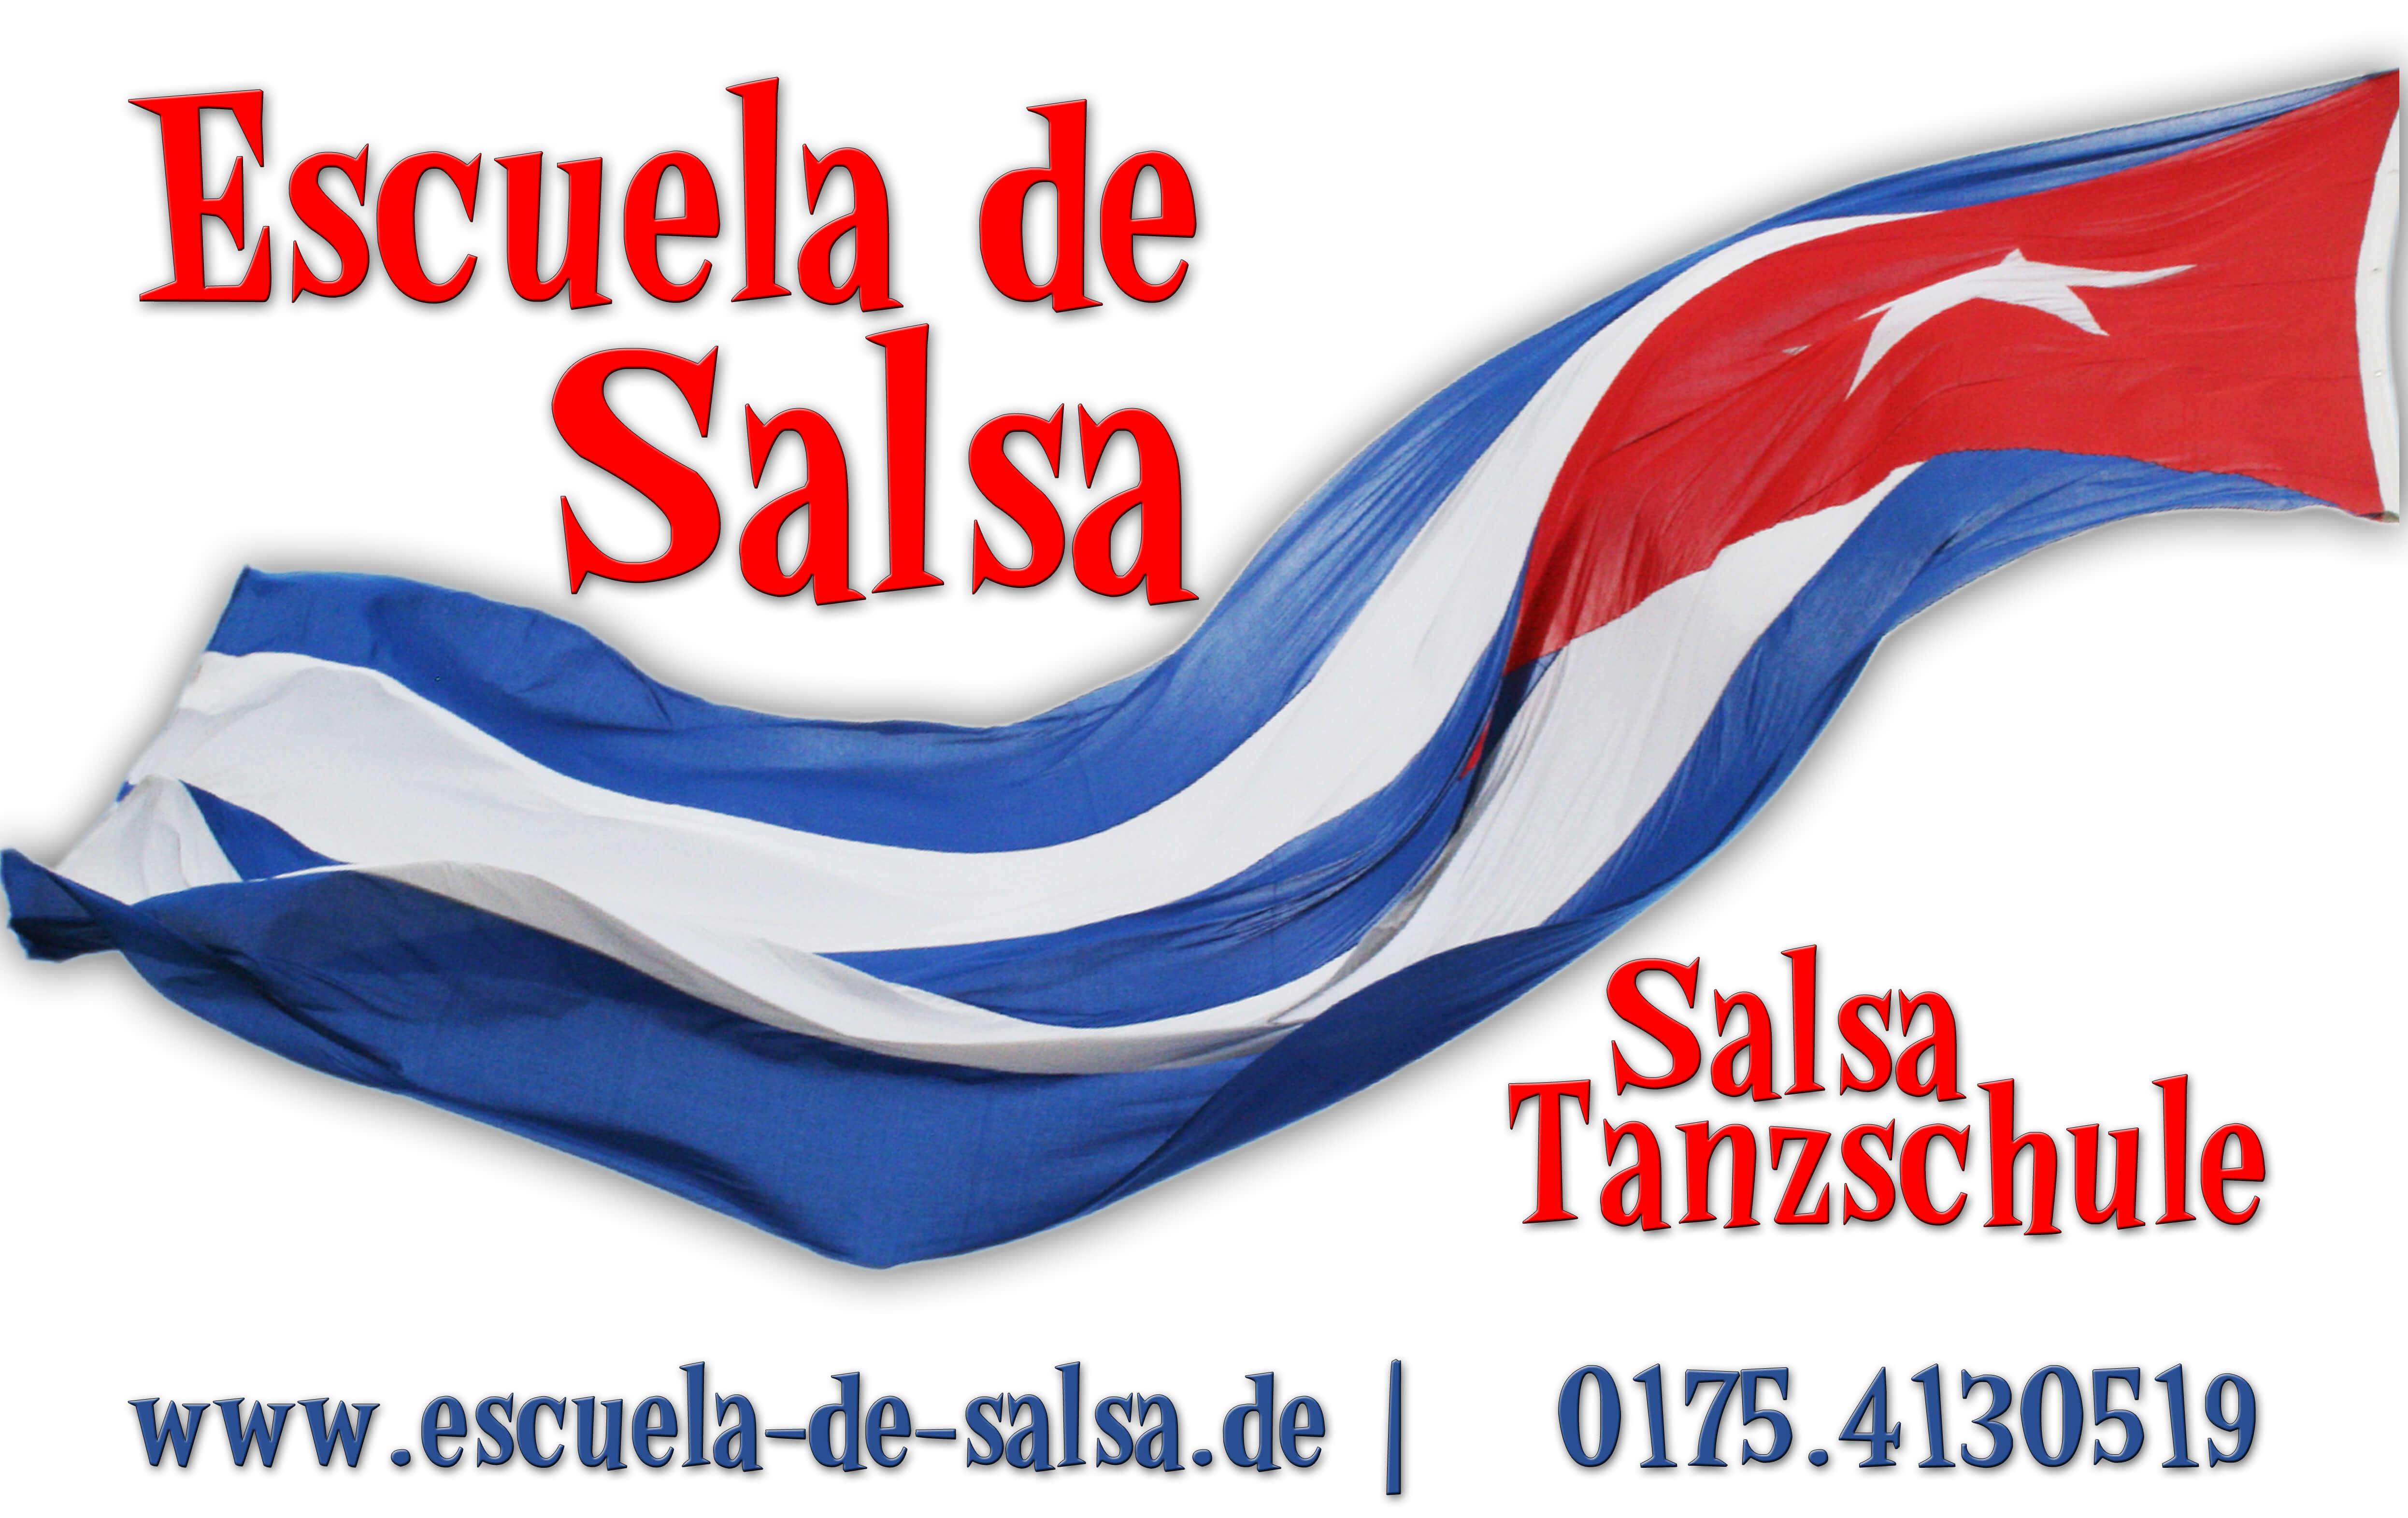 Escuela de Salsa in Ludwigsburg